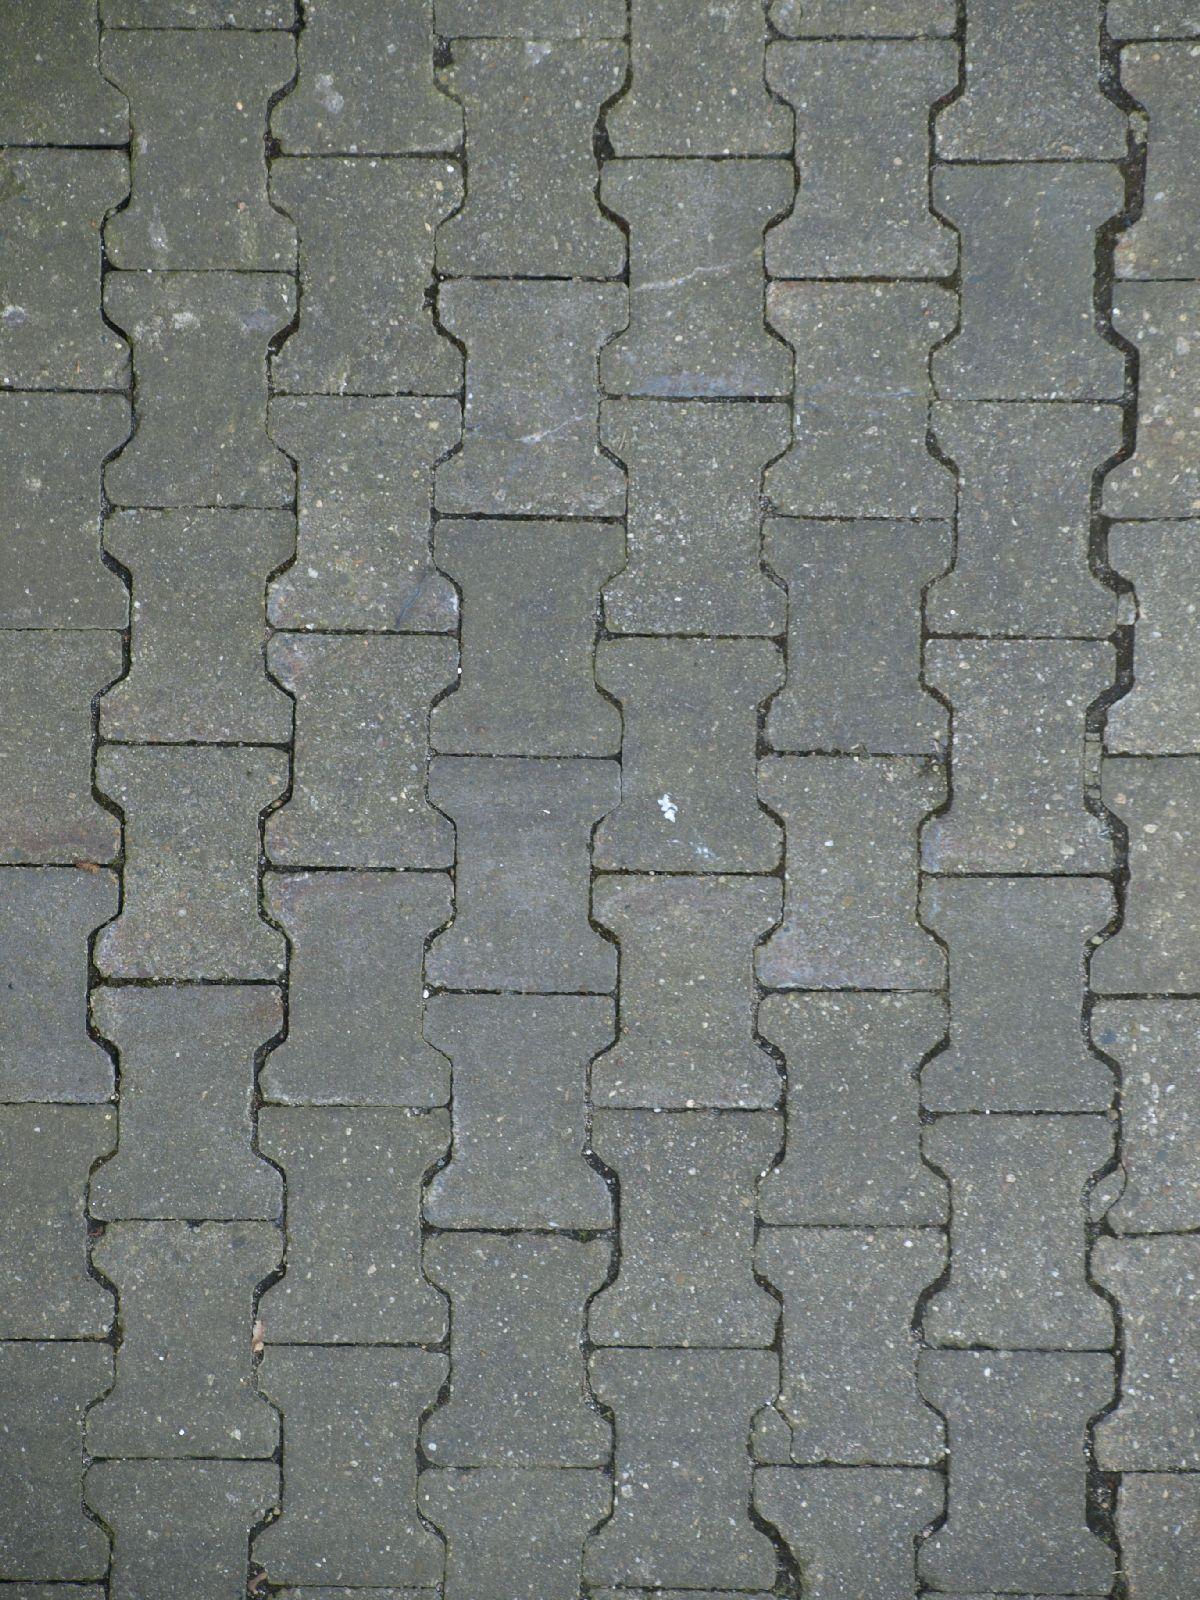 Boden-Gehweg-Strasse-Buergersteig-Textur_A_P4171292